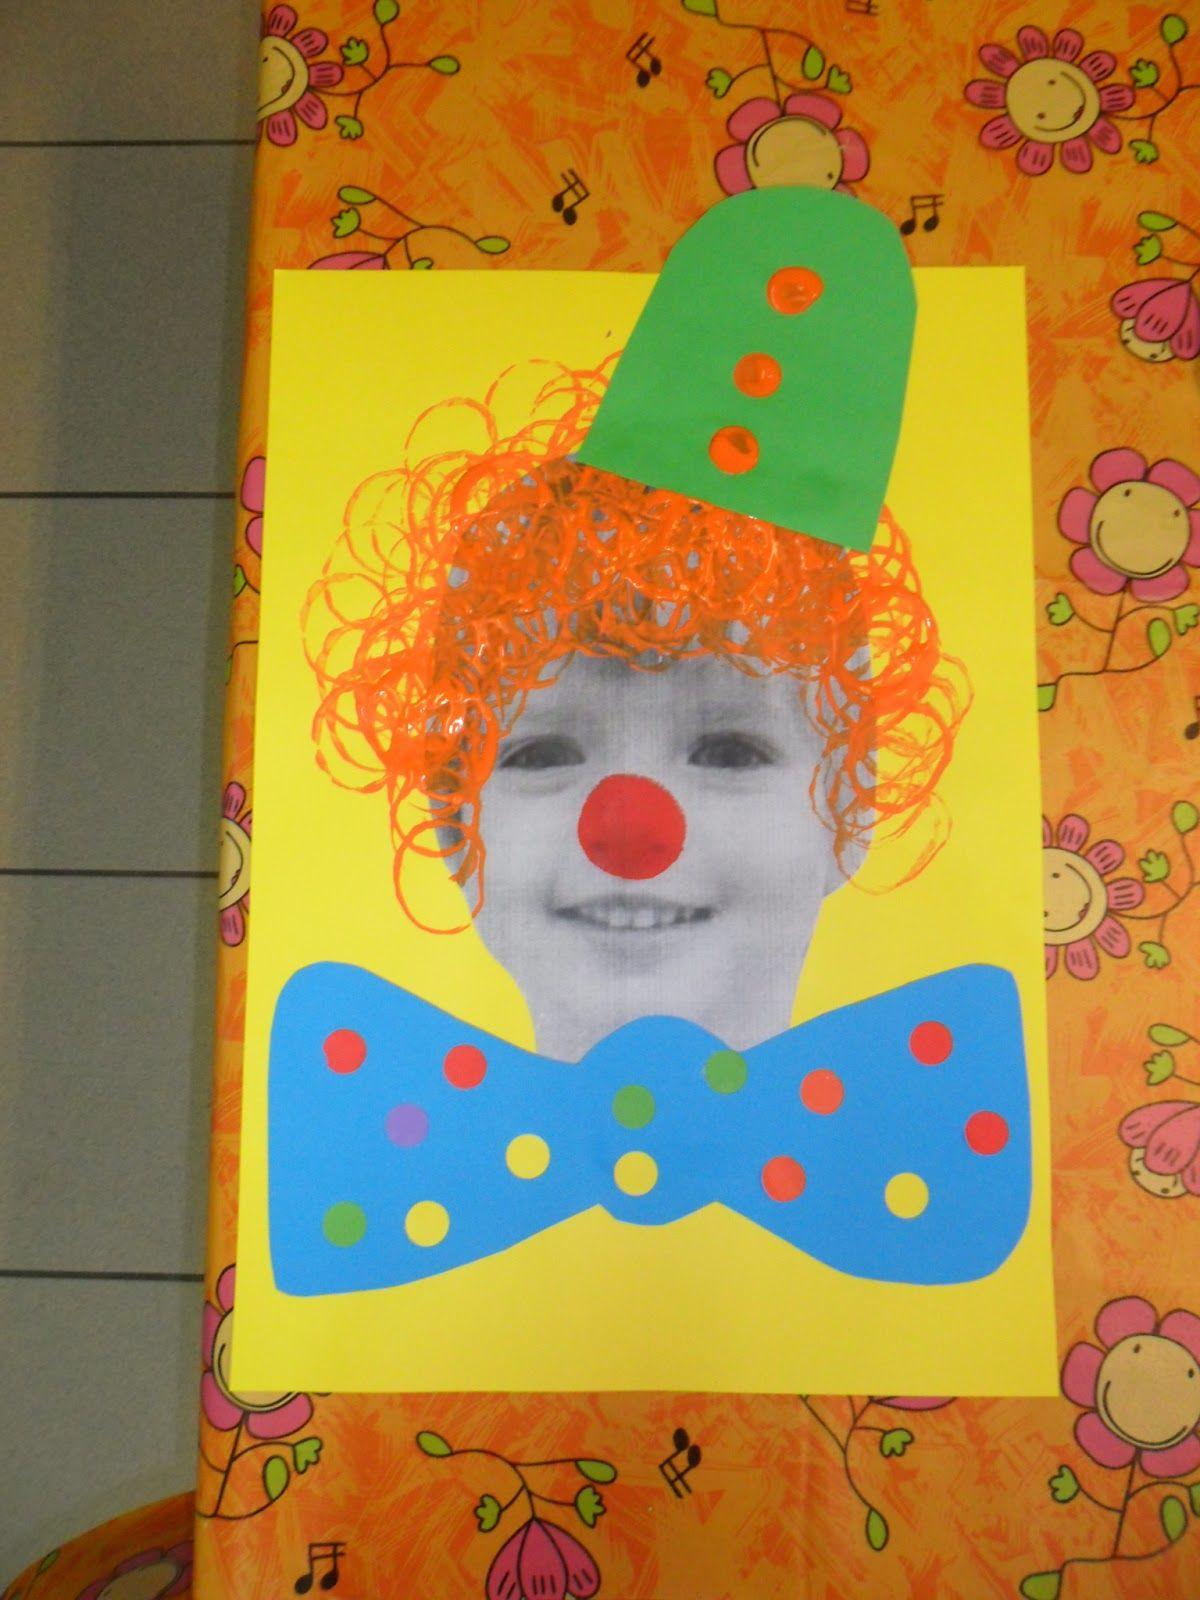 gevonden op http://peuterthema.blogspot.be Vorig jaar met mijn kindjes gemaakt, maar geen foto van het resultaat.